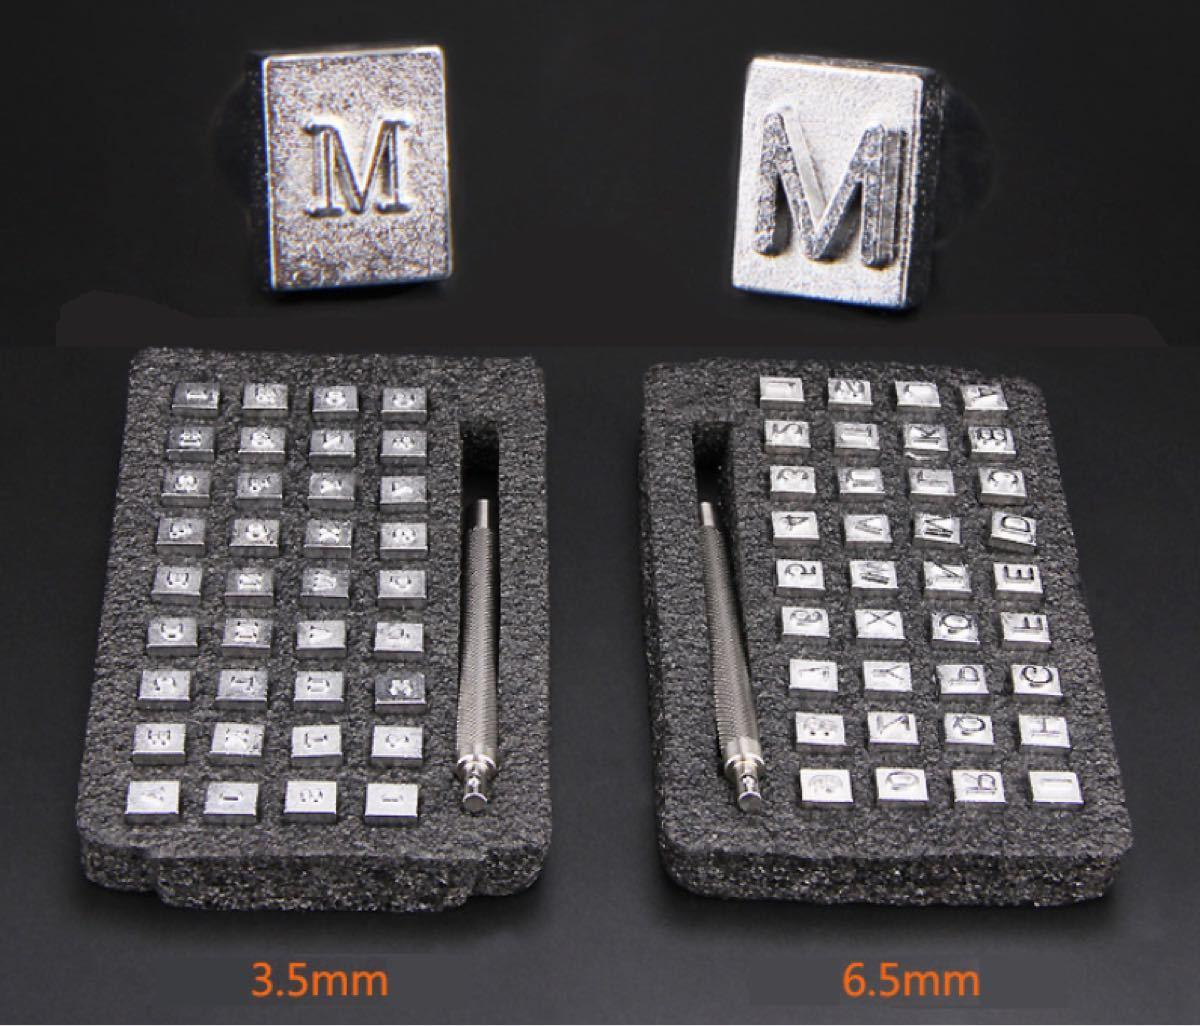 レザークラフト 刻印 アルファベット 数字 セット スタンプ 3.5mm